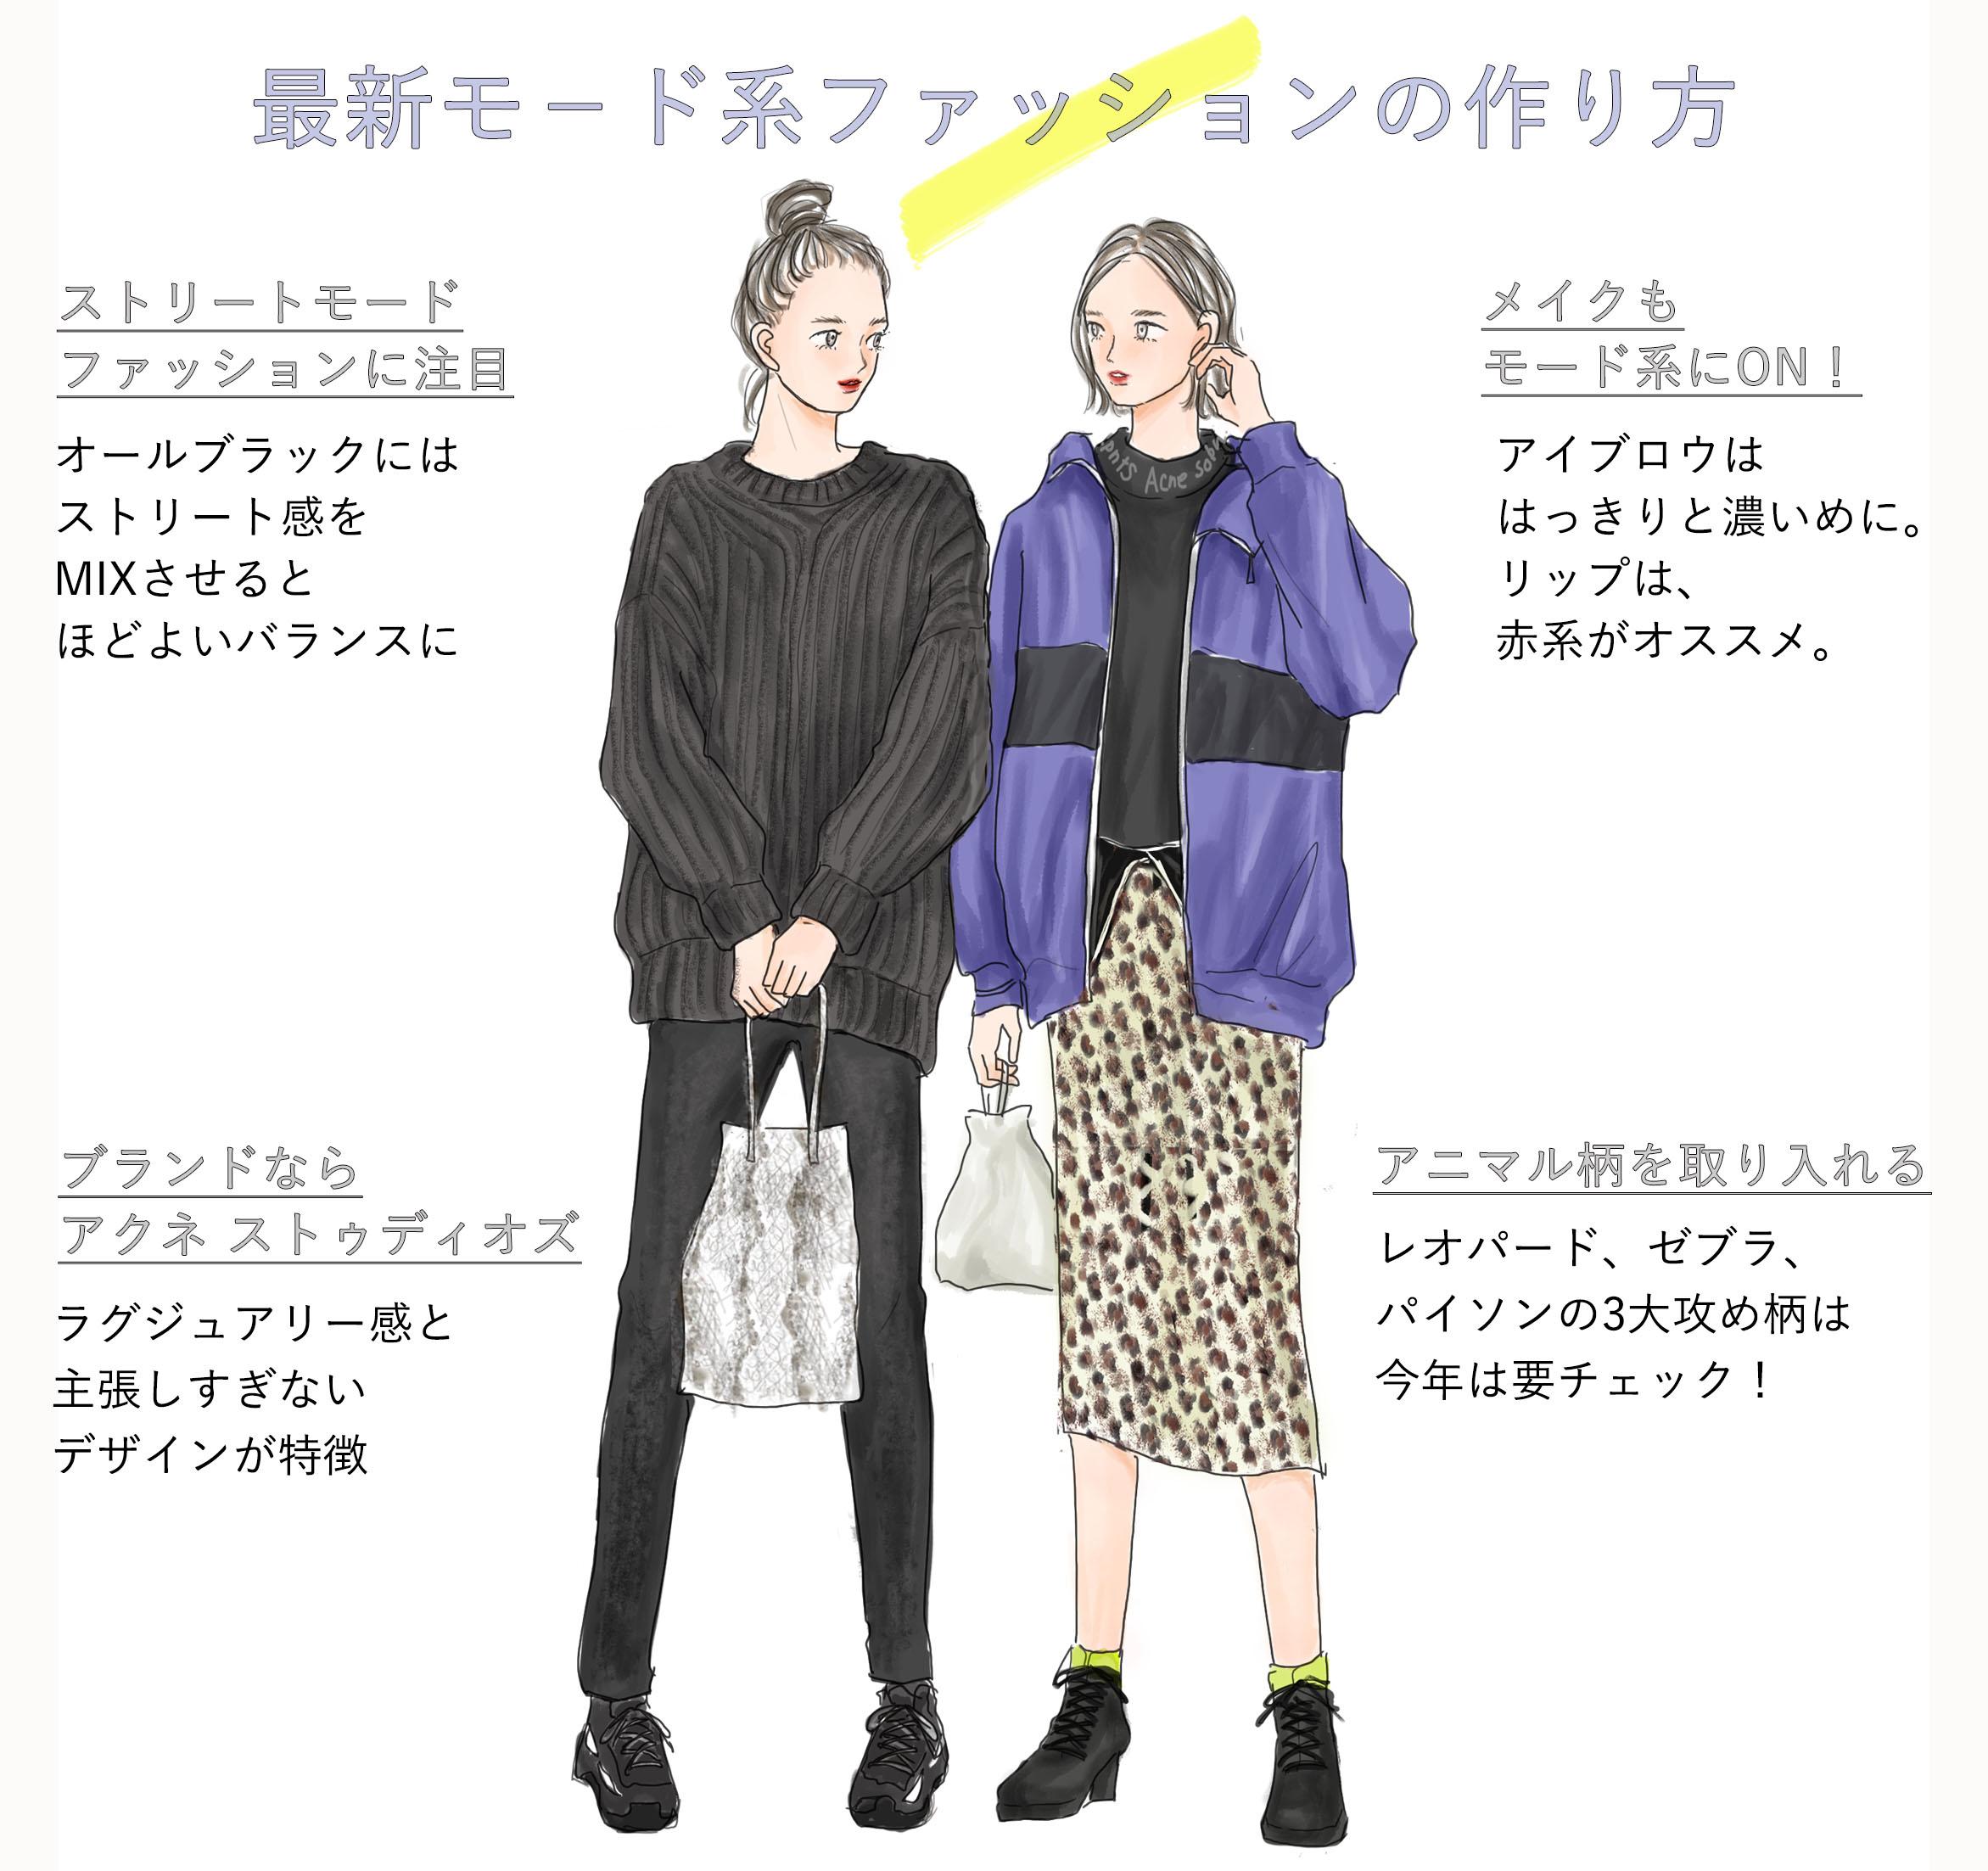 モ-ド系ファッションとは。特徴と着こなし方を解説(3ページ目